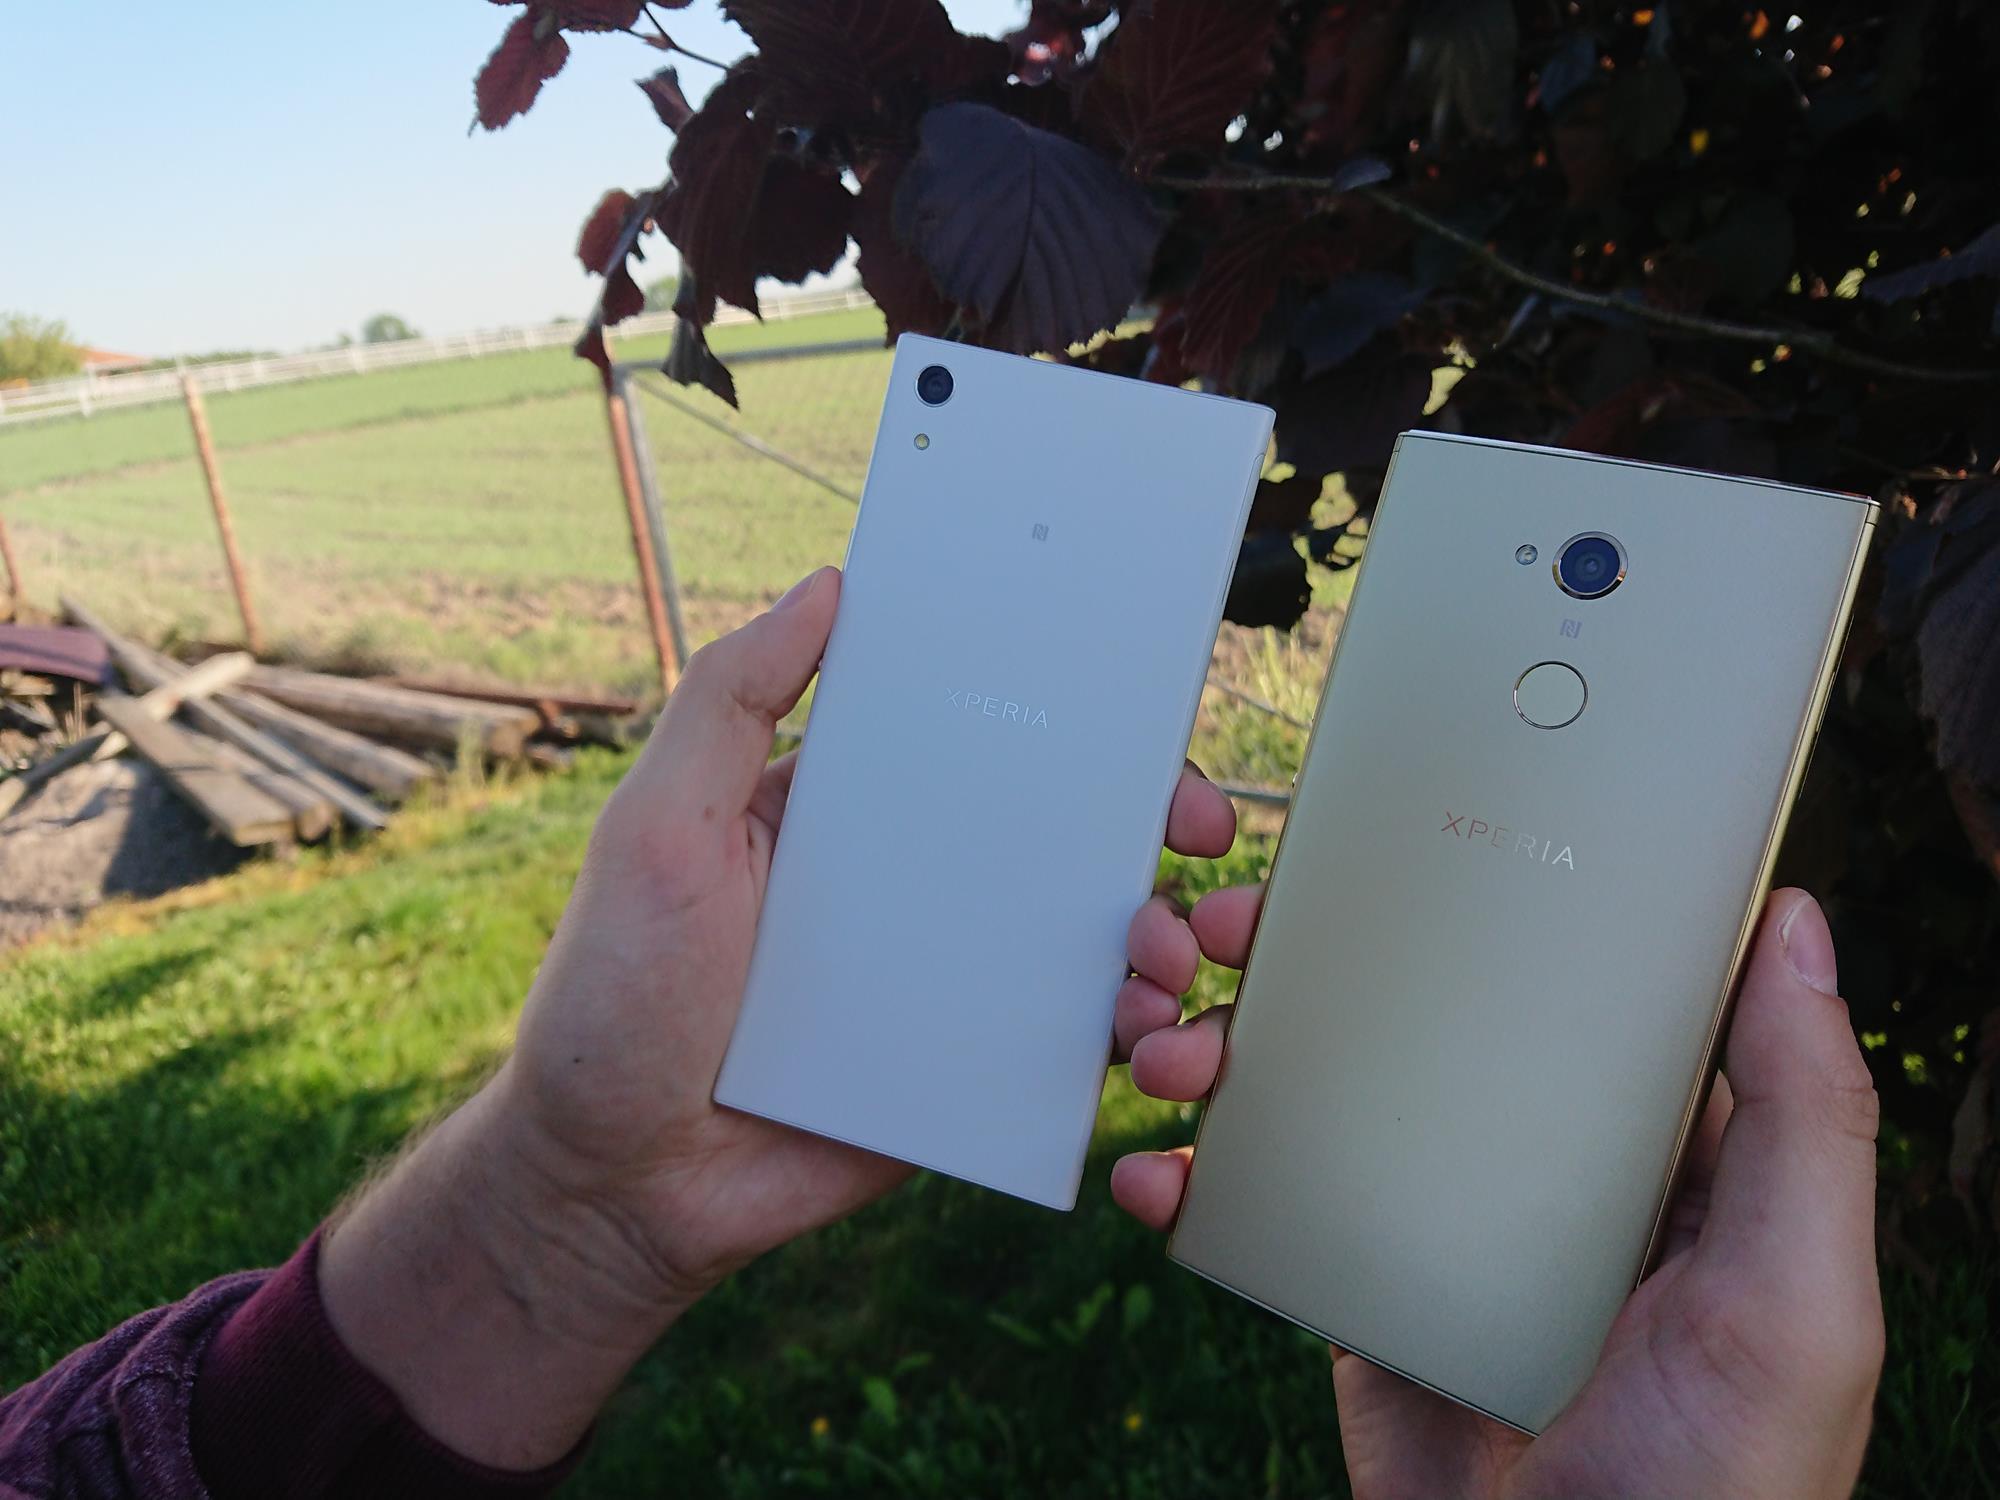 Porównanie smartfonów w rozmiarze XXL: Sony Xperia XA1 Ultra vs Sony Xperia XA2 Ultra 26